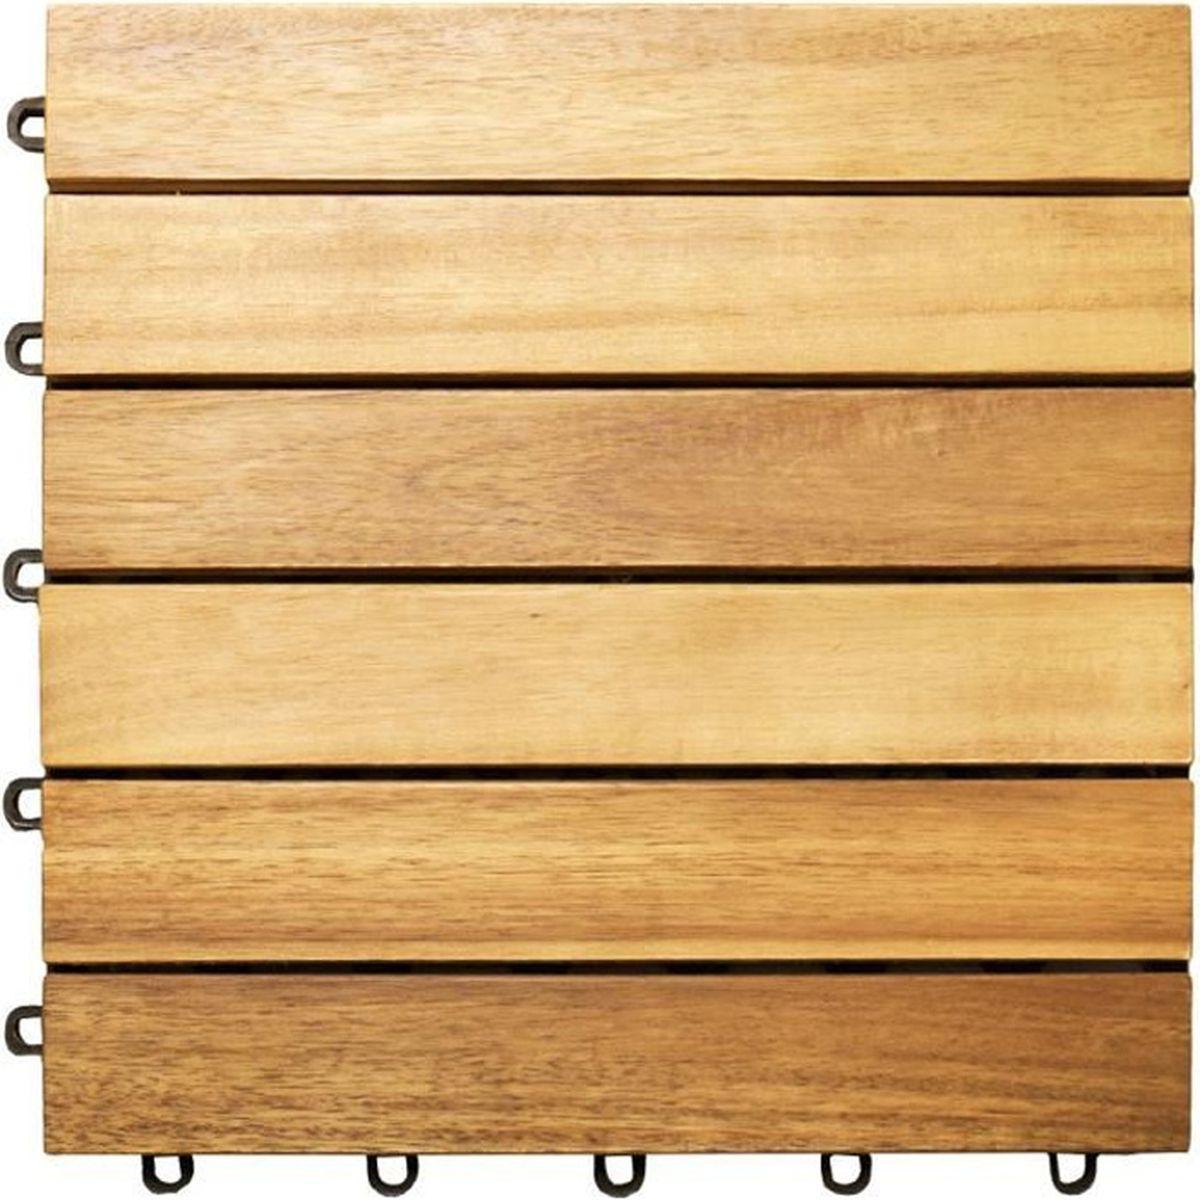 Bois Pour Terrasse Extérieure 11x dalles de terrasse en bois d'acacia pour 1m² - 30 x 30